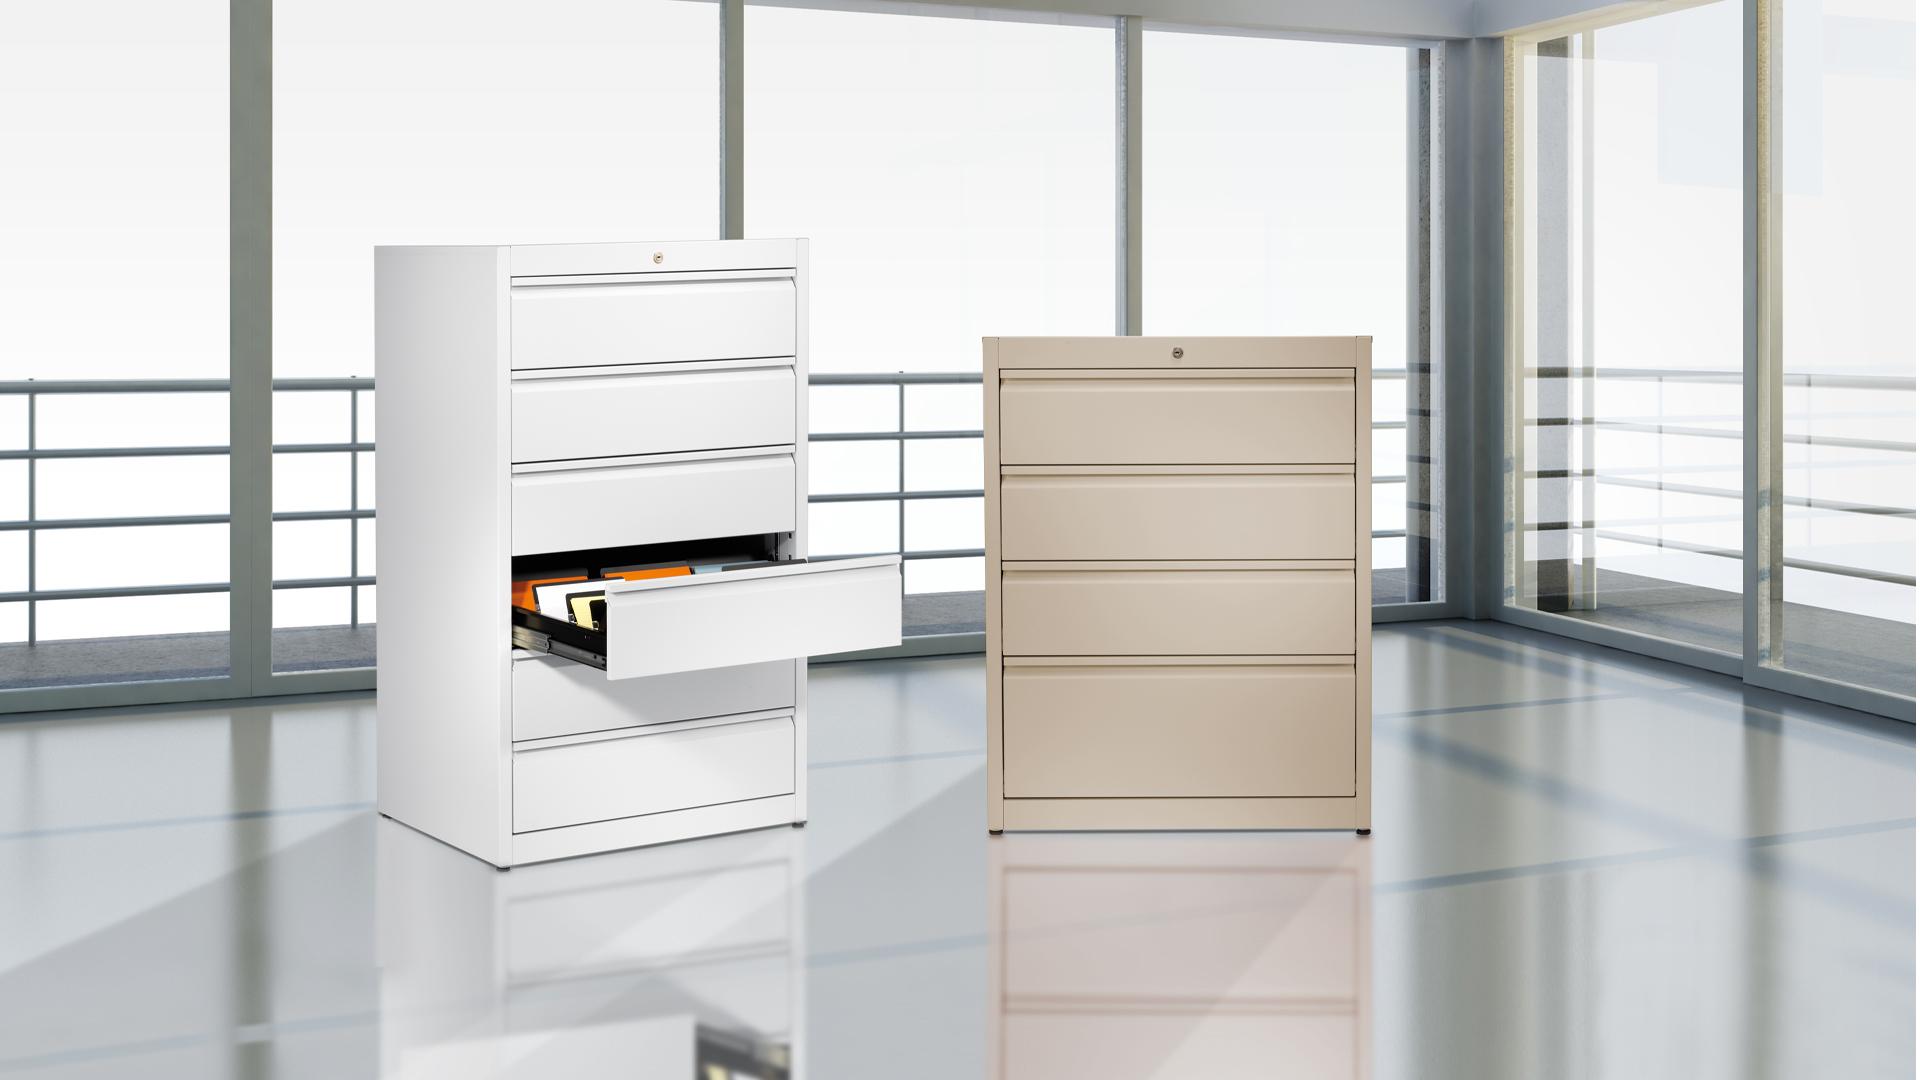 Schranksysteme-Archivschrank-Karteischrank-Griffleiste-client-cardy-BVB-mauser-slider